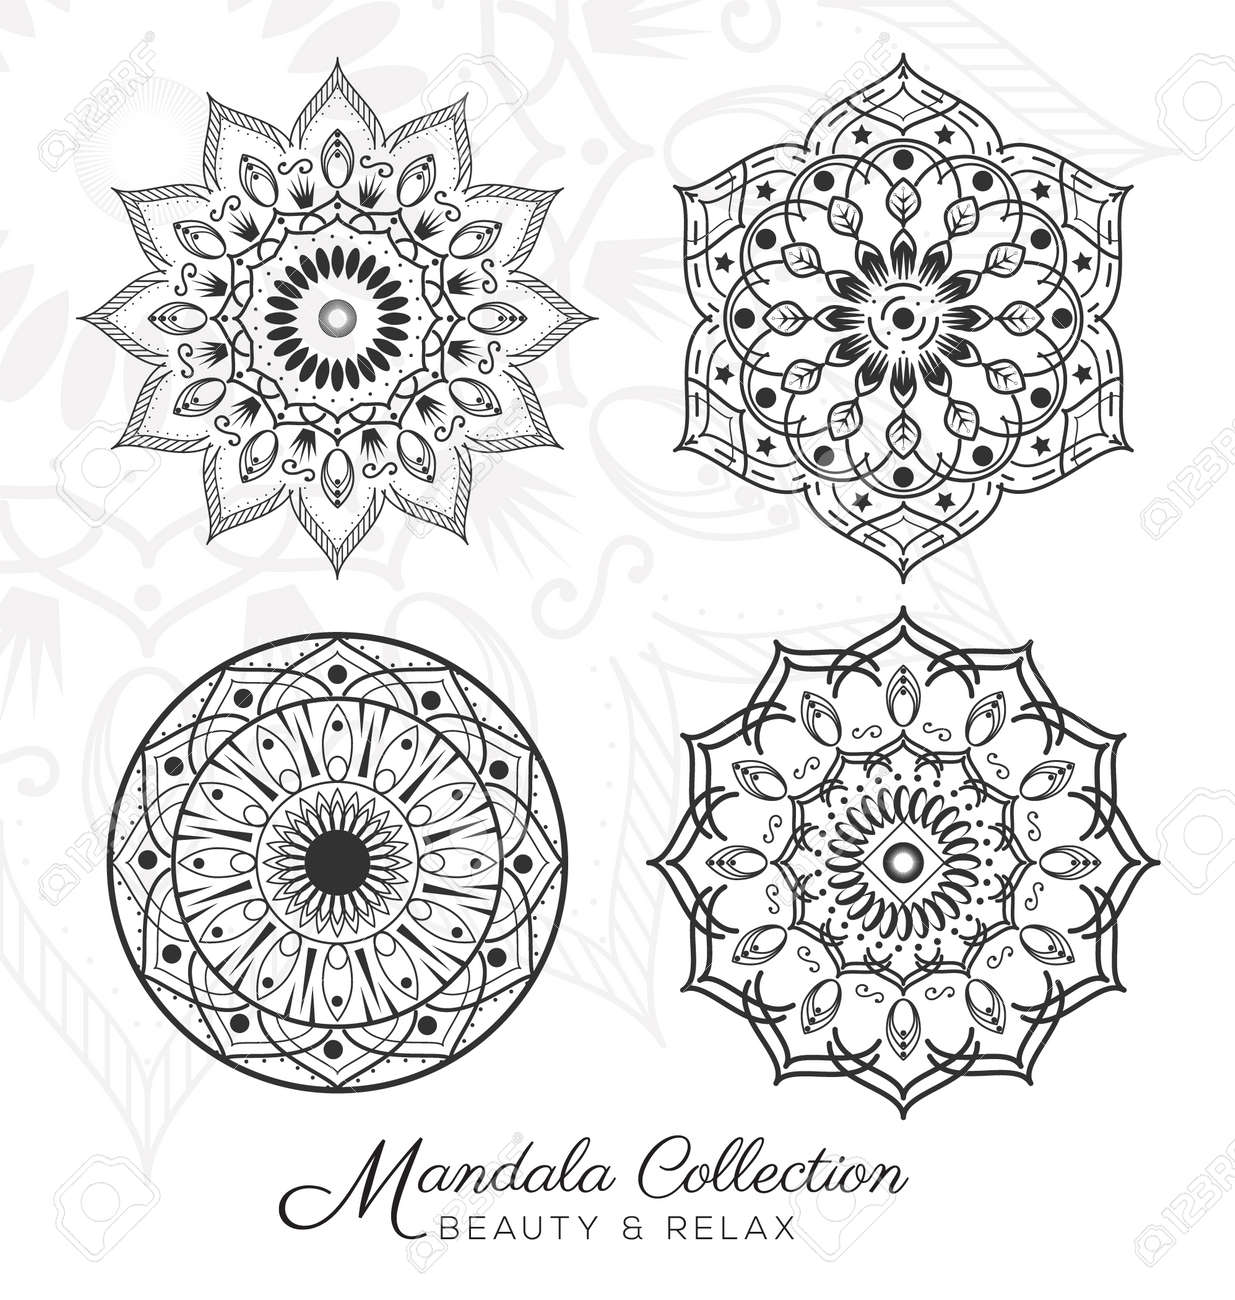 Ensemble De Mandala Design Decoratif Ornement Pour Coloriage Carte De Voeux D Invitation Tatouage Yoga Et Spa Symbole Illustration